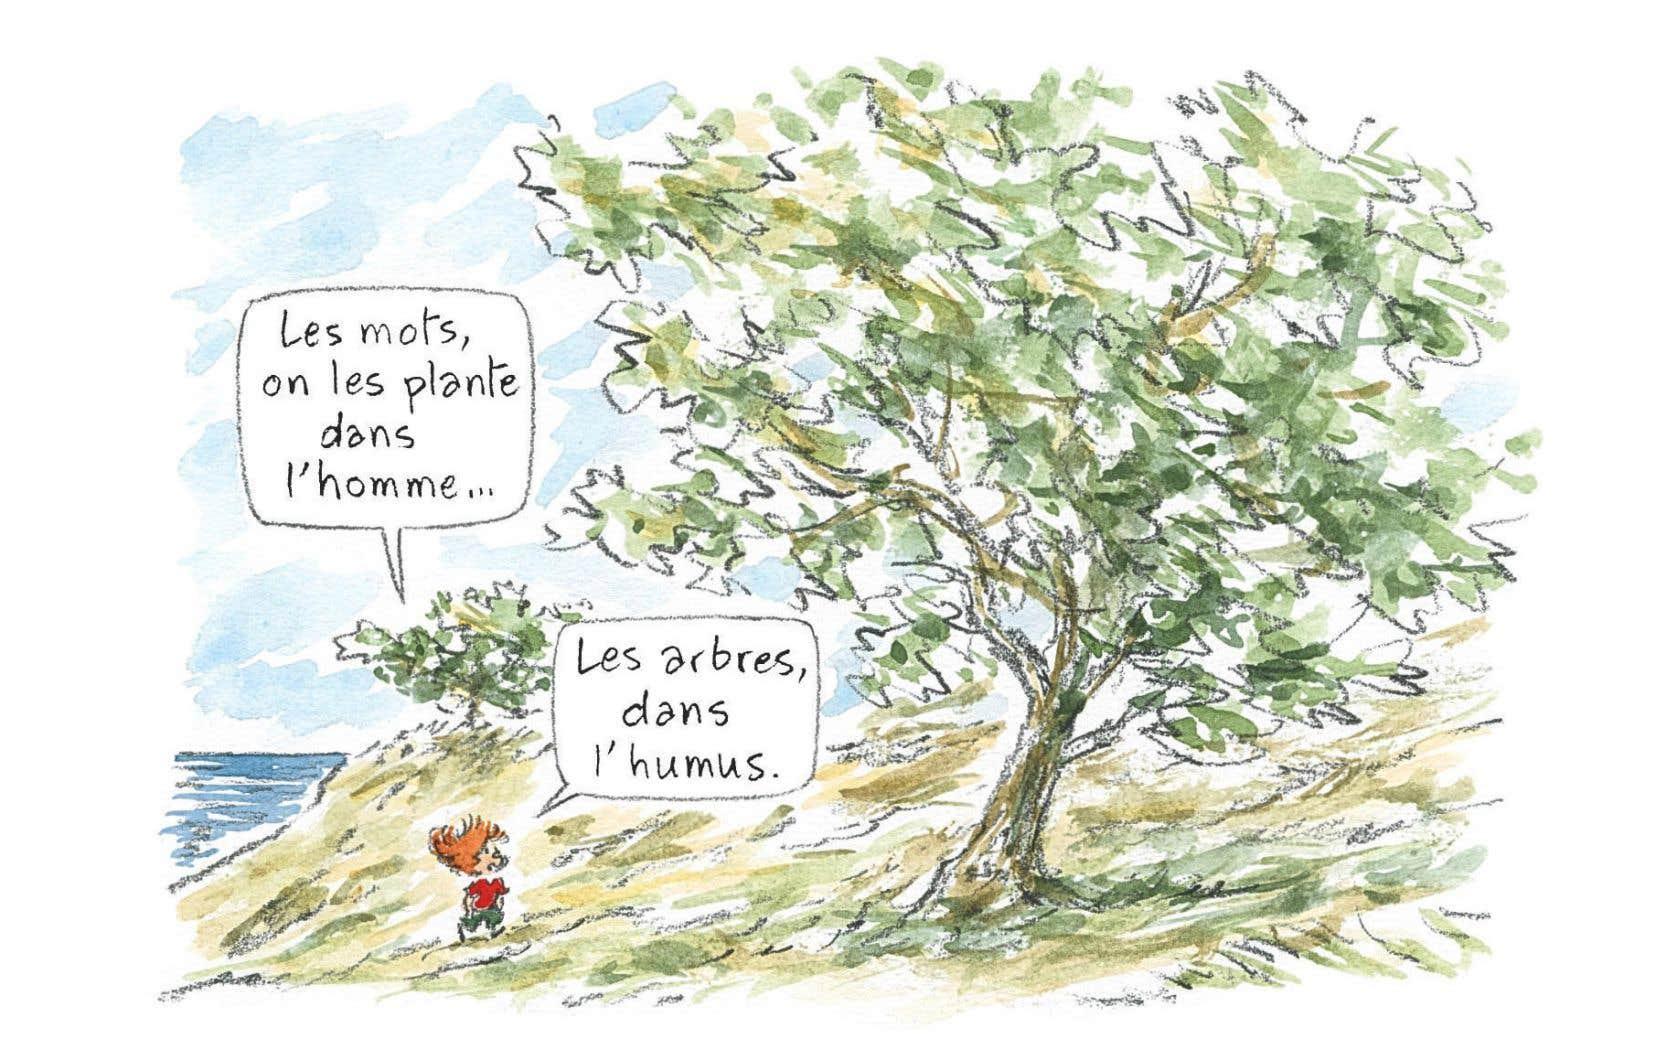 À l'instar des bandes dessinées «Pico Bogue», cette nouvelle série en garde l'humour irrévérencieux, les réflexions existentielles, les réponses franches et pragmatiques.